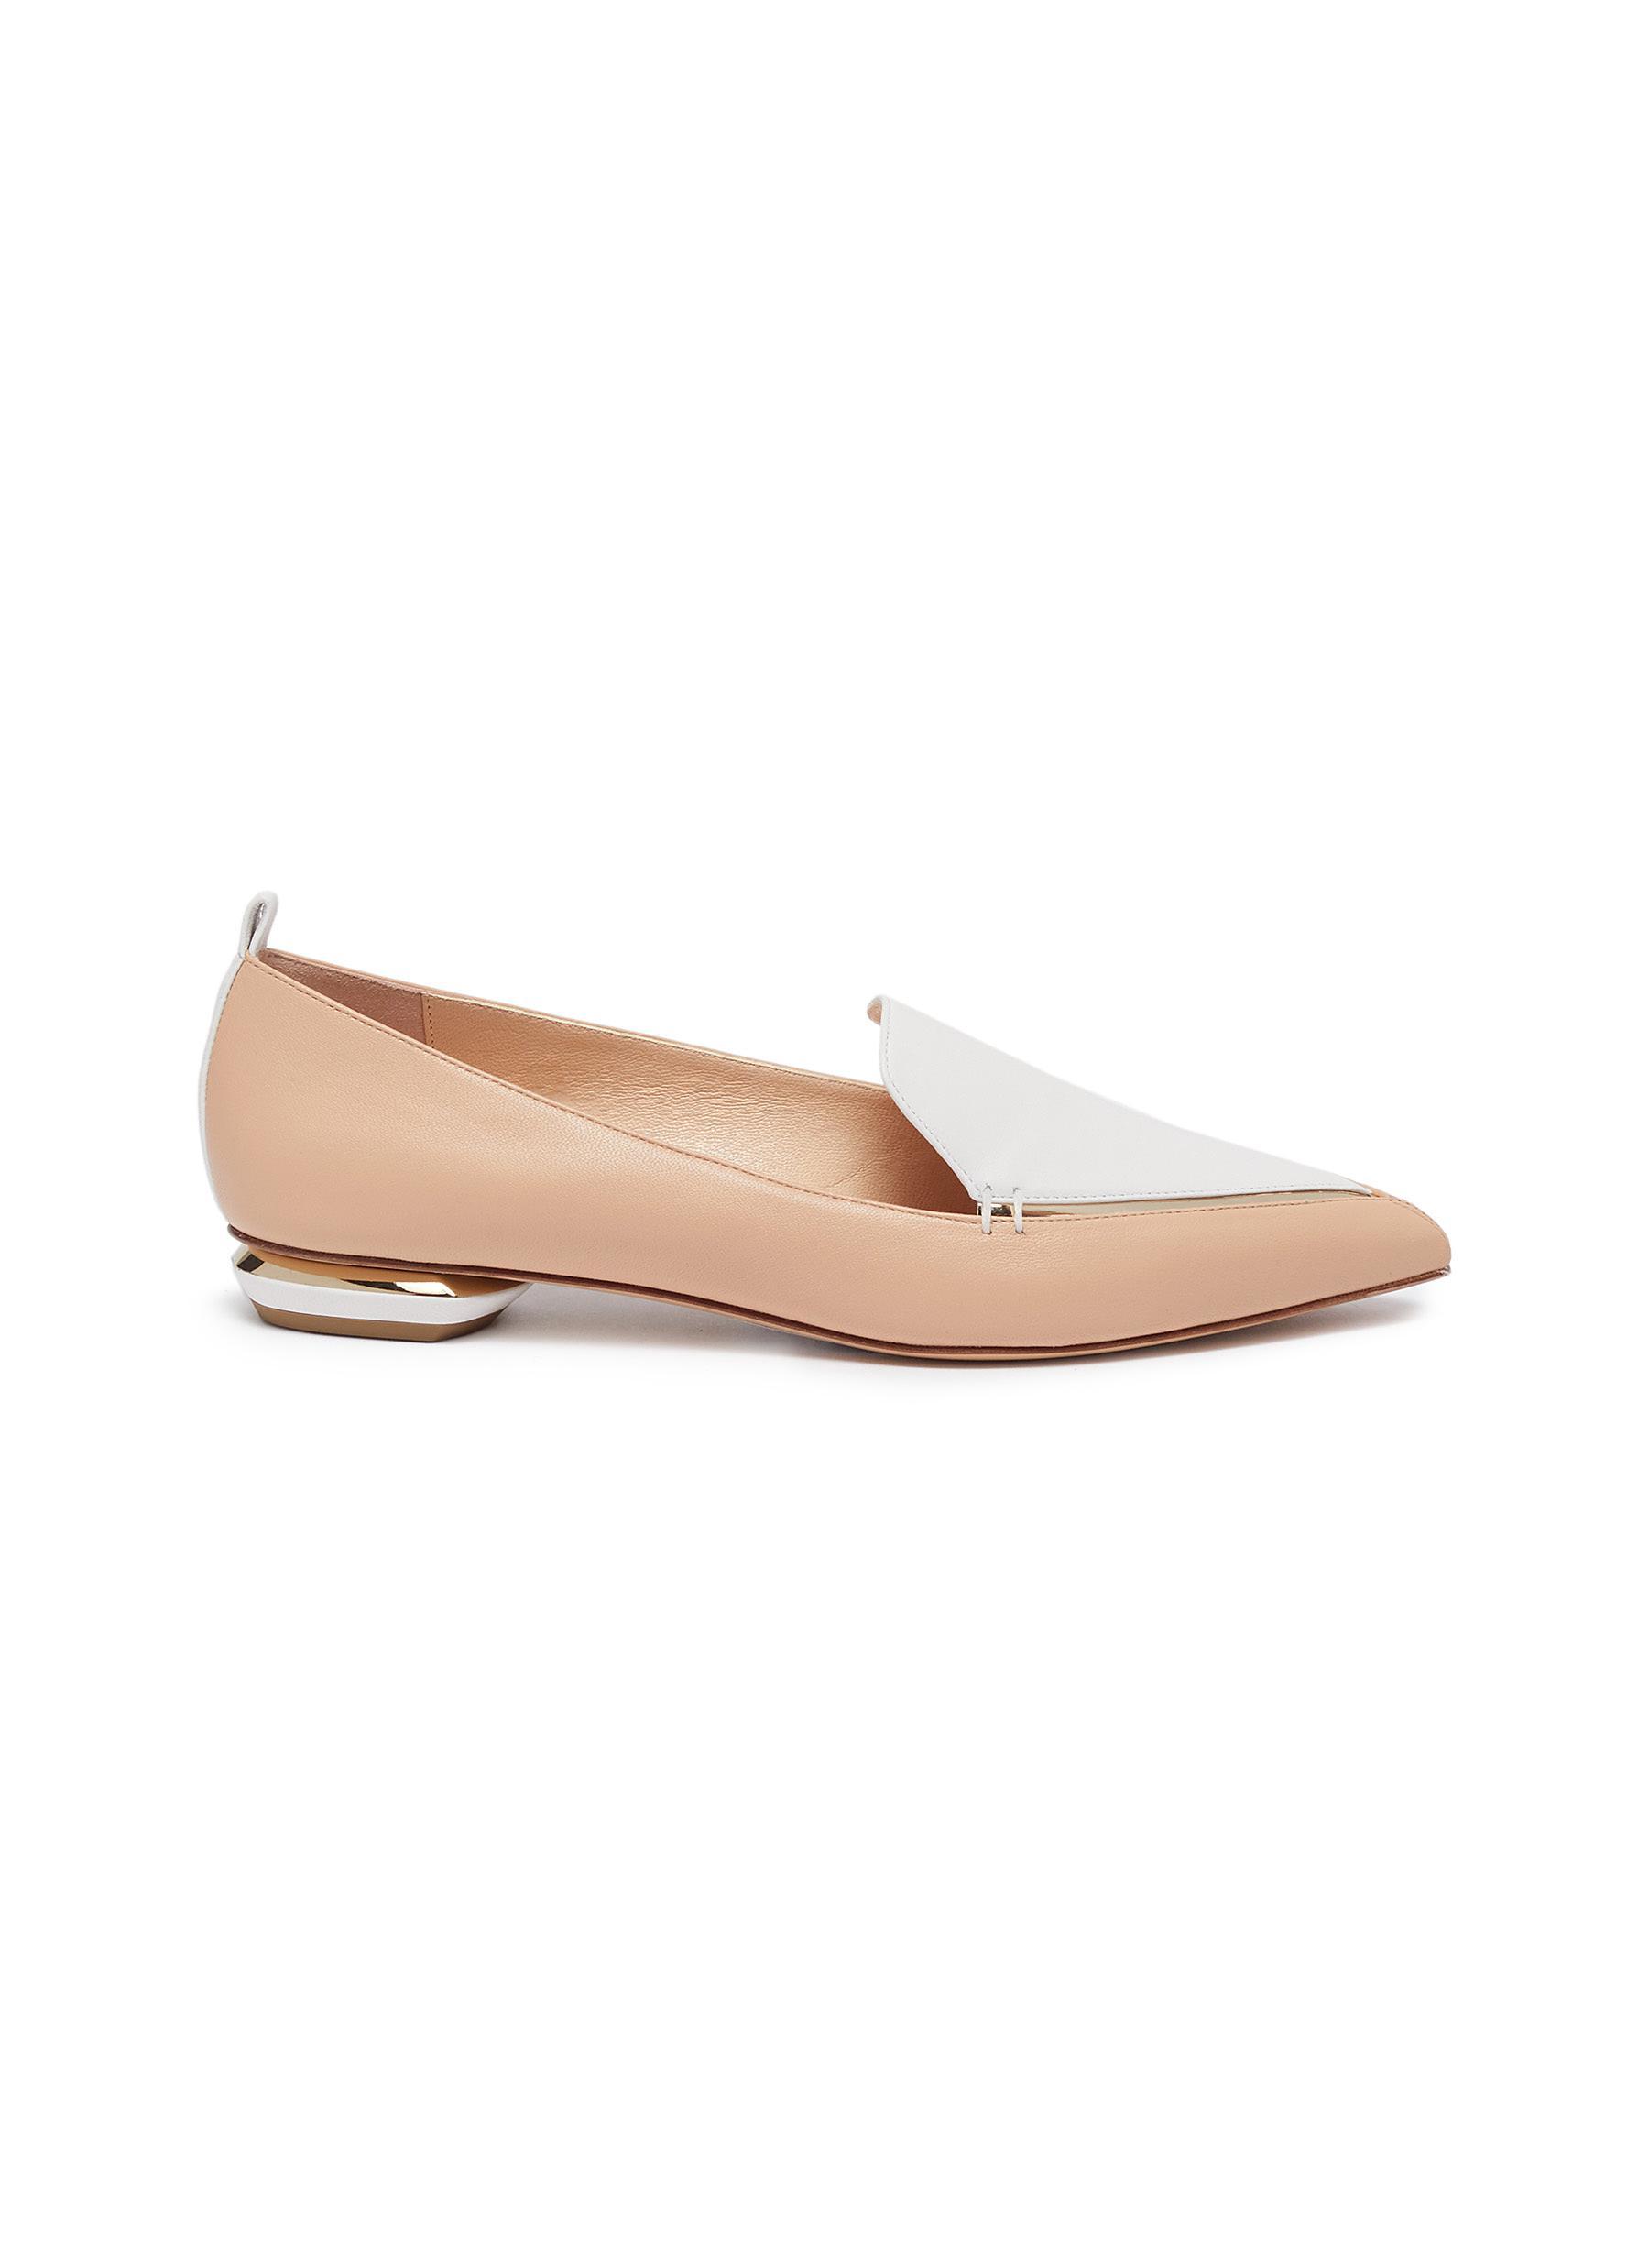 Nicholas Kirkwood Flats Beya metal heel contrast panel leather loafers